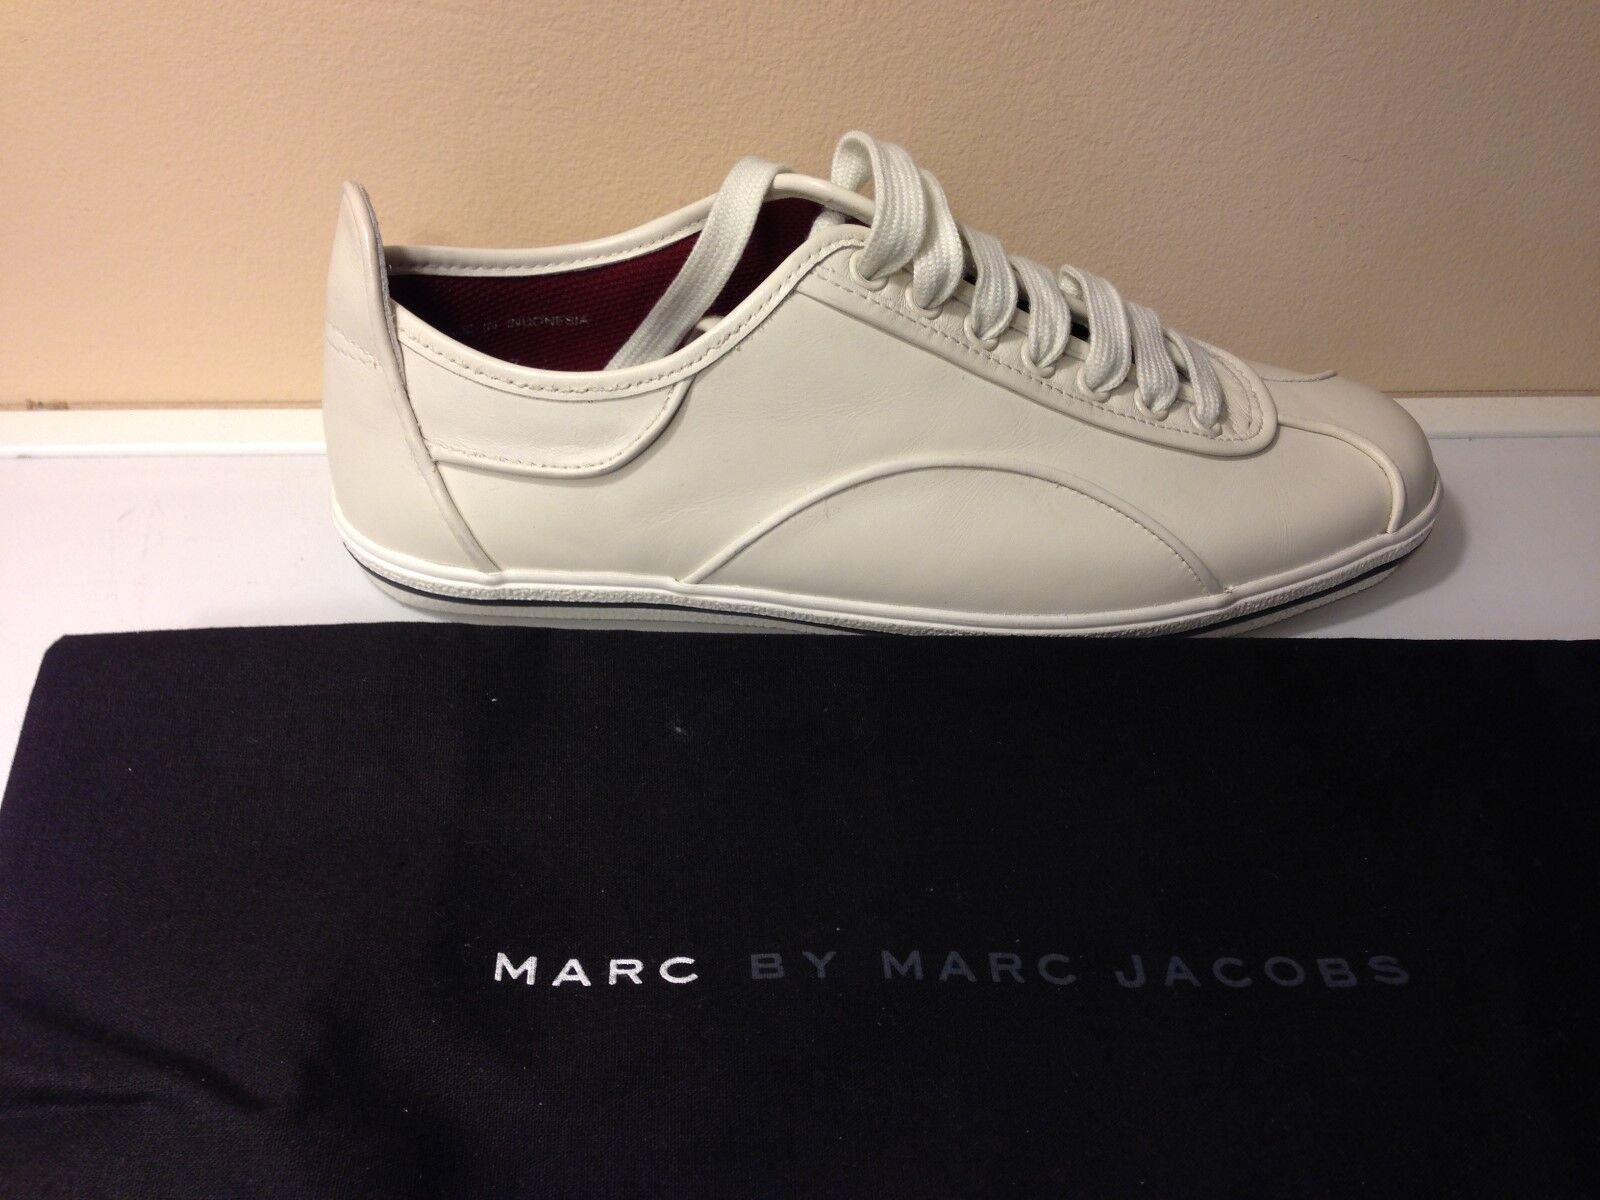 Marc by Marc Jacobs Jacobs Jacobs Donna  verdewich Calf Retro Fashion scarpe da ginnastica (bianca) 91e5dd